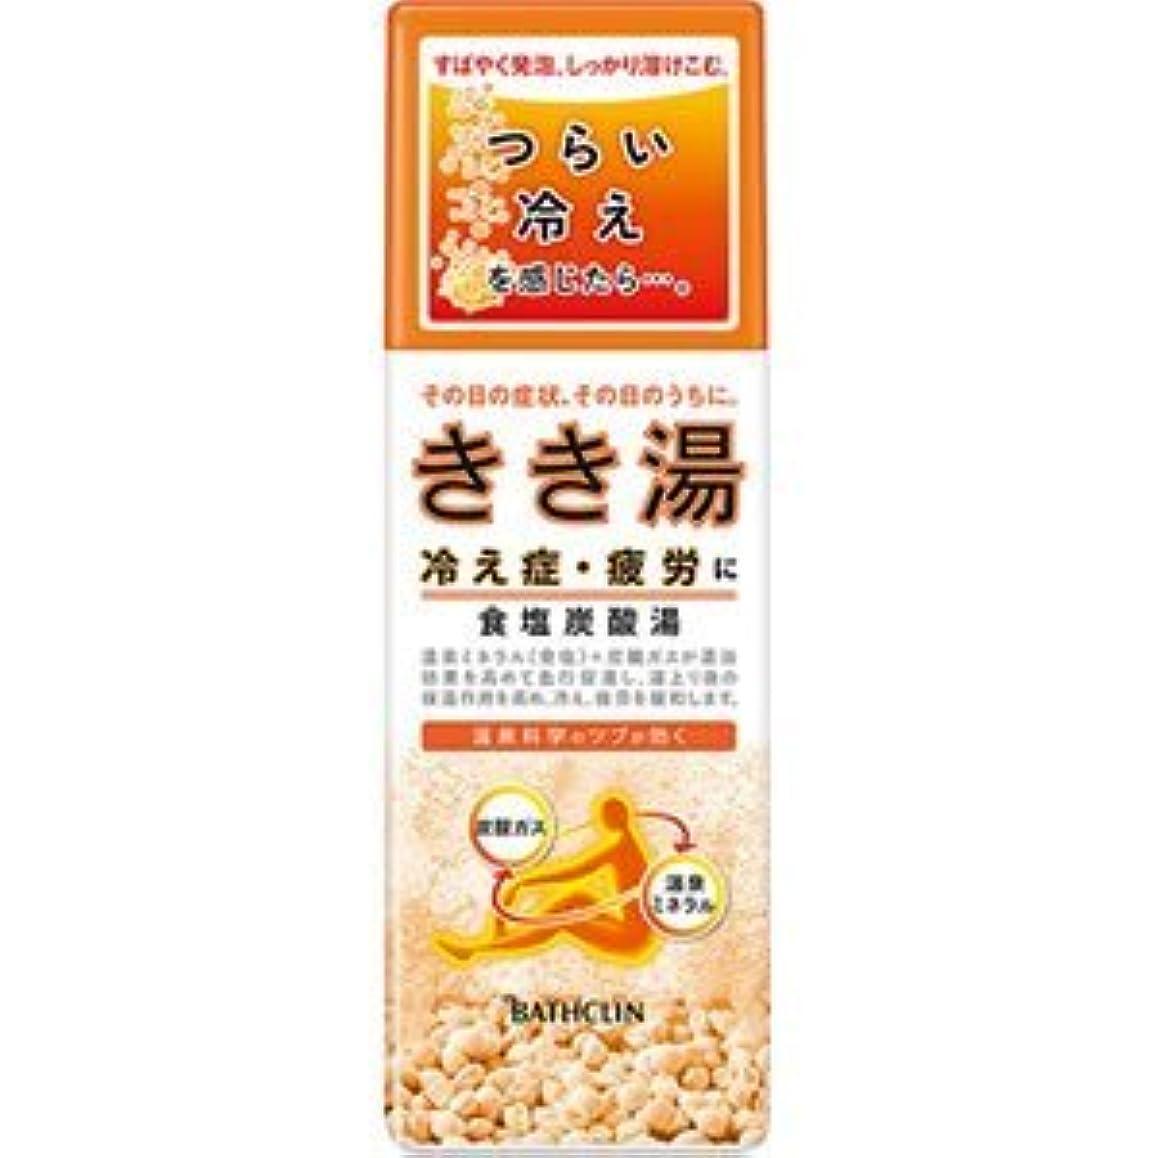 長老アクセシブル宇宙【バスクリン】きき湯 食塩炭酸湯 360g(医薬部外品)(お買い得3個セット)